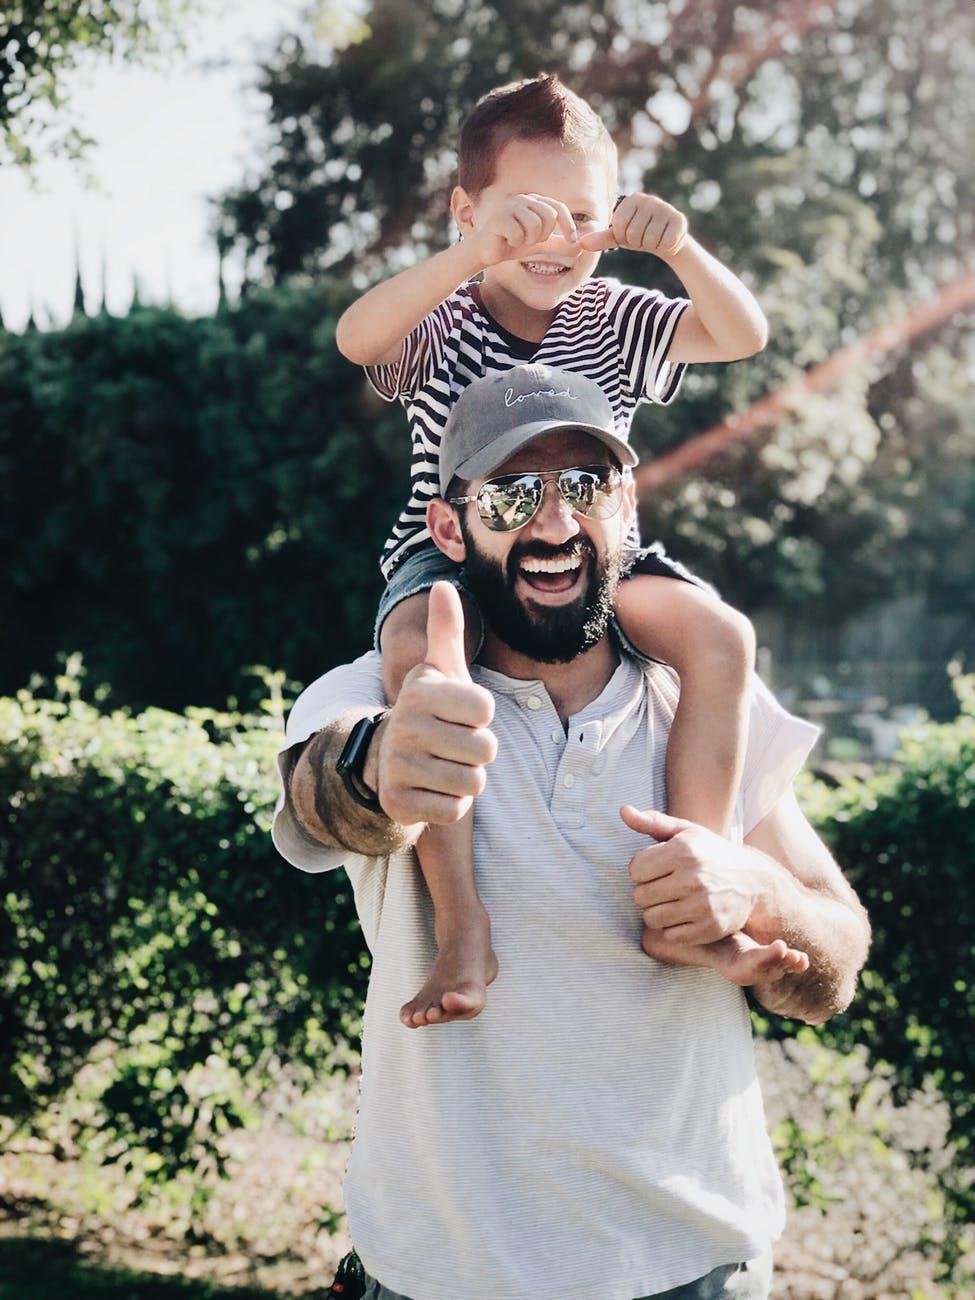 ideas de regalos originales y creativos para el día del padre, sorprende tu papá con nuestras ideas de manualidades